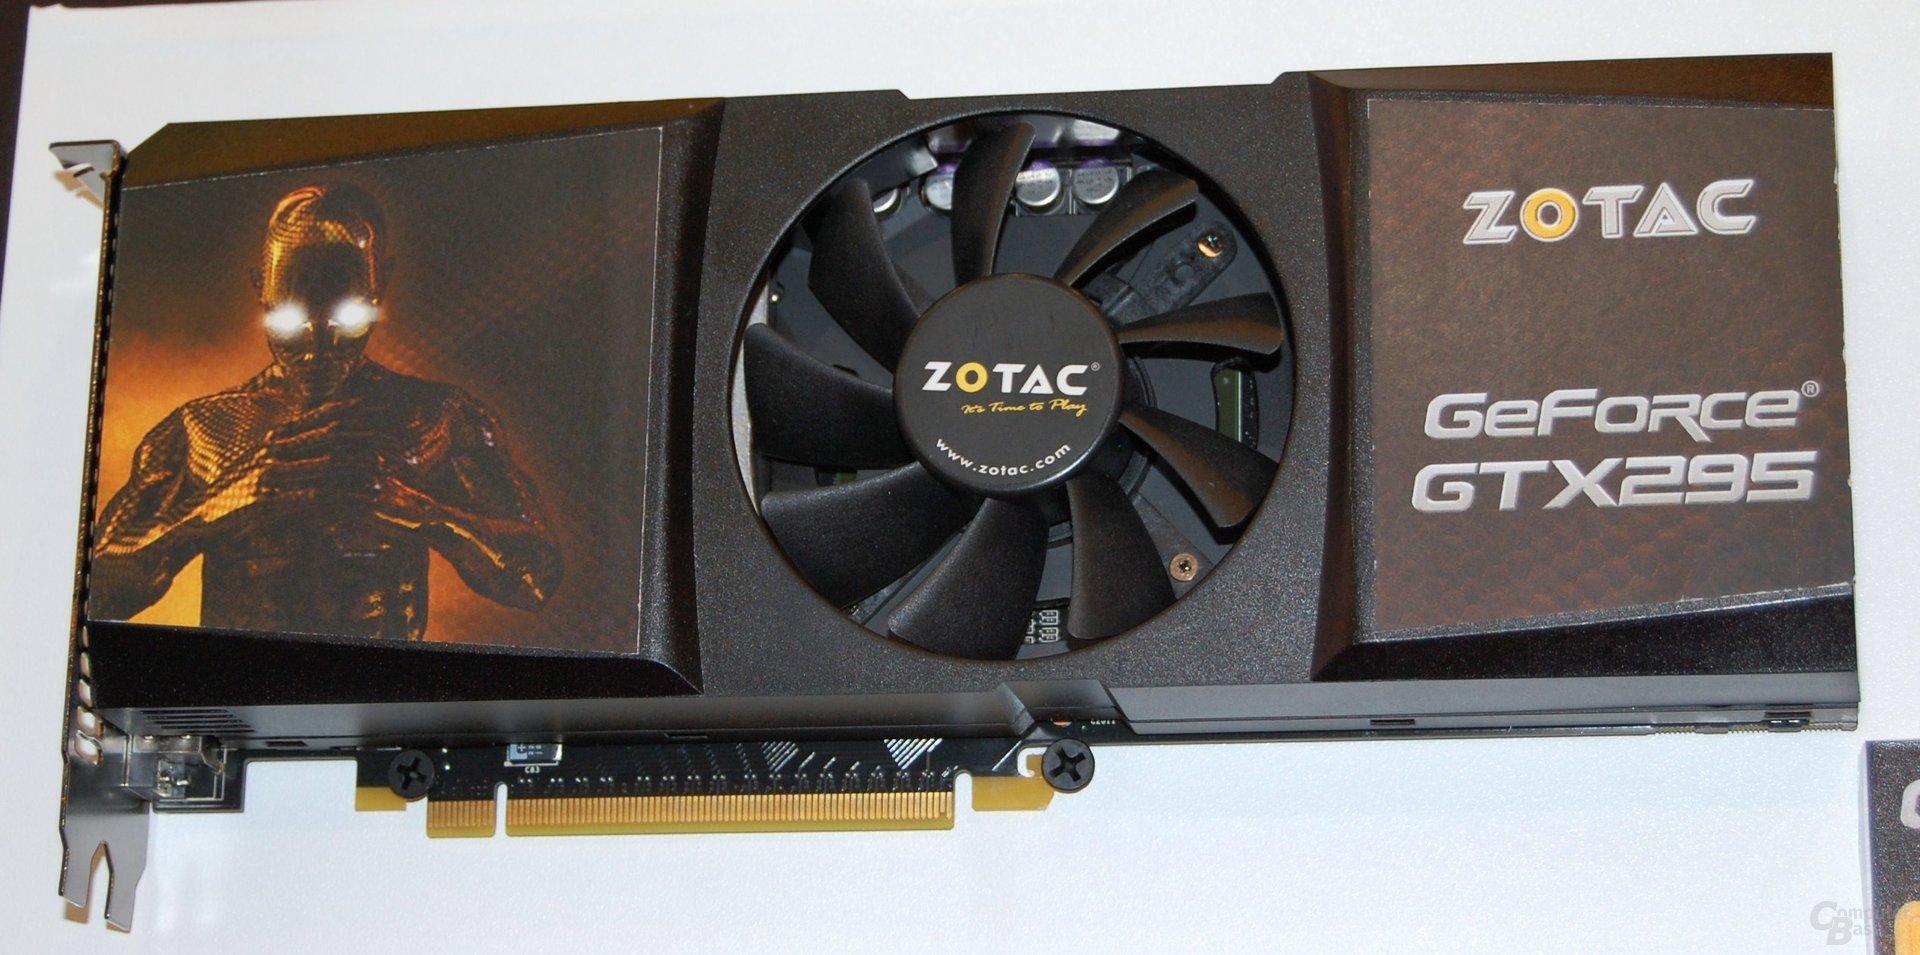 Zotac GeForce GTX 295 mit nur einem PCB